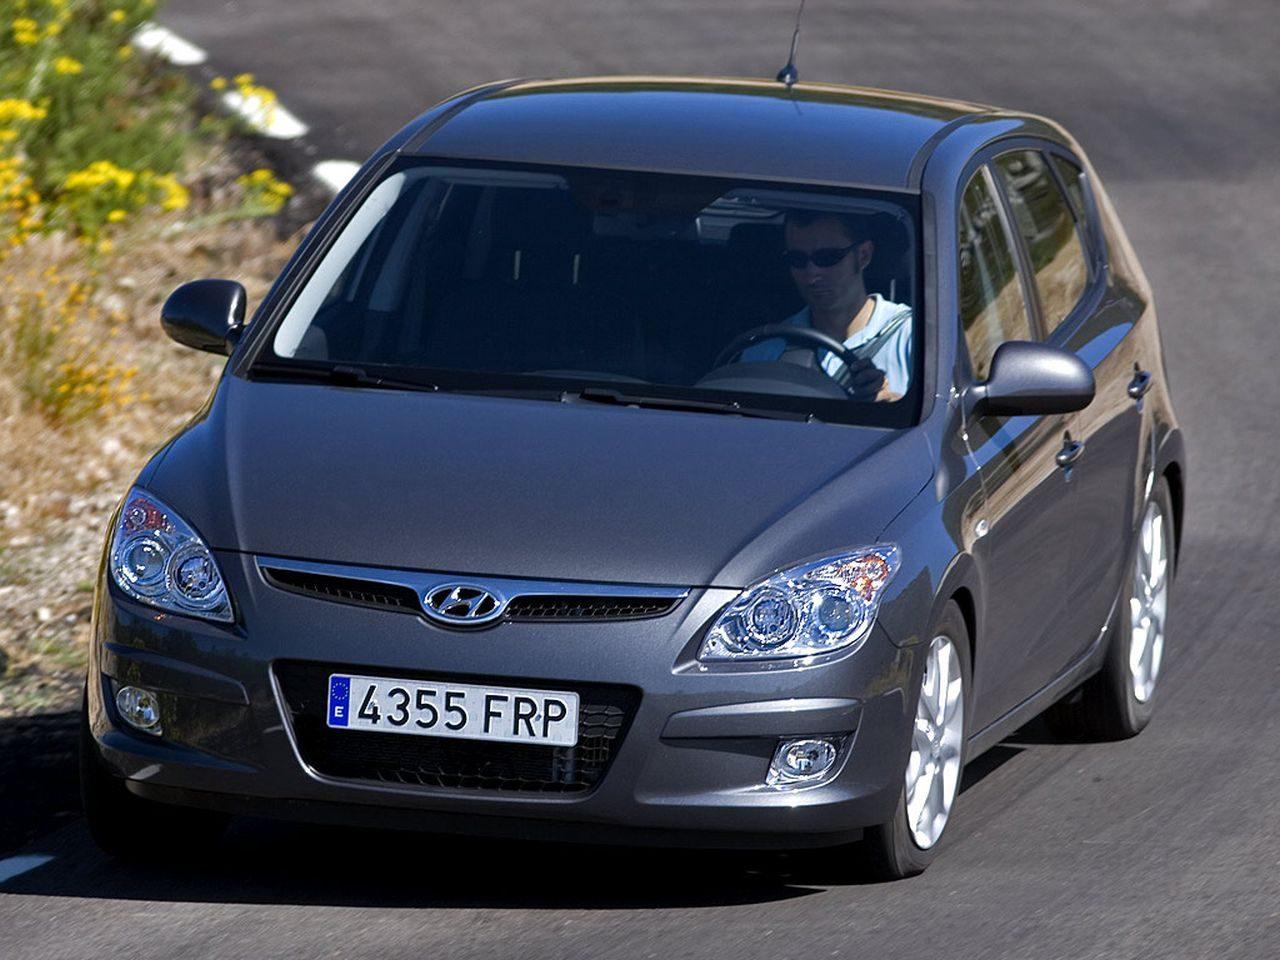 Hyundai-i30-01.jpg